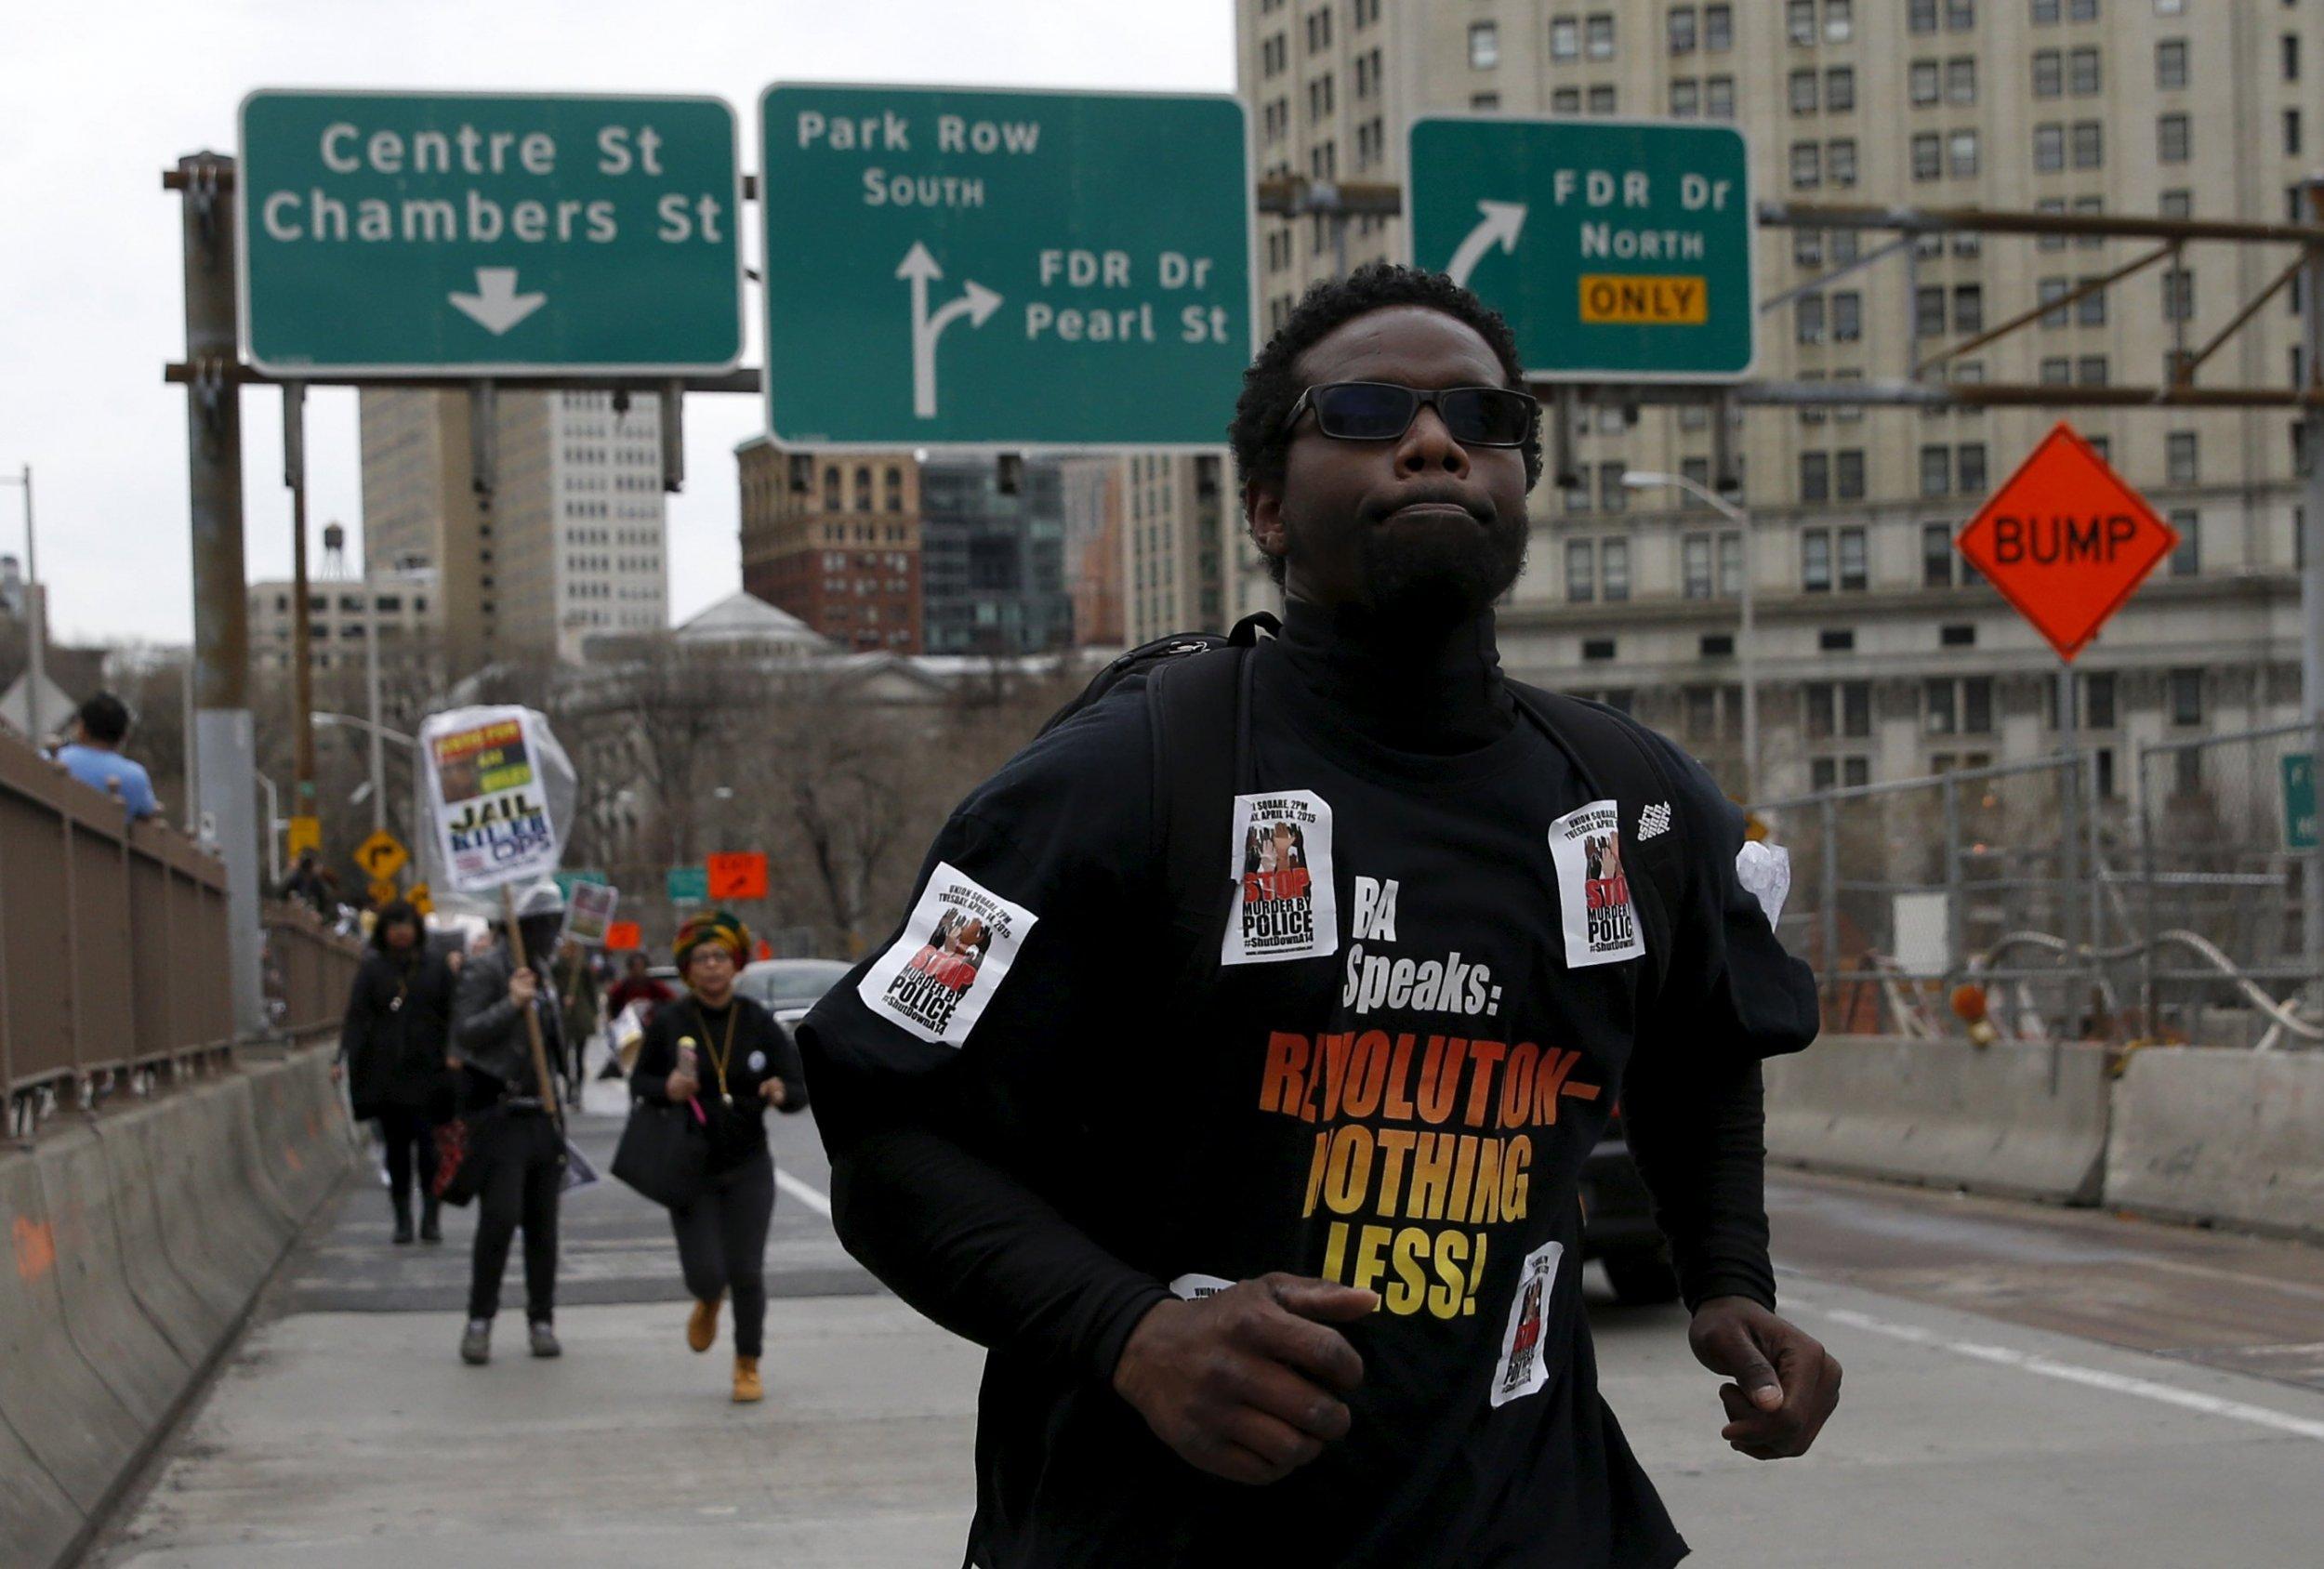 2015-04-14T213030Z_1_LYNXMPEB3D11V_RTROPTP_4_USA-POLICE-PROTESTS